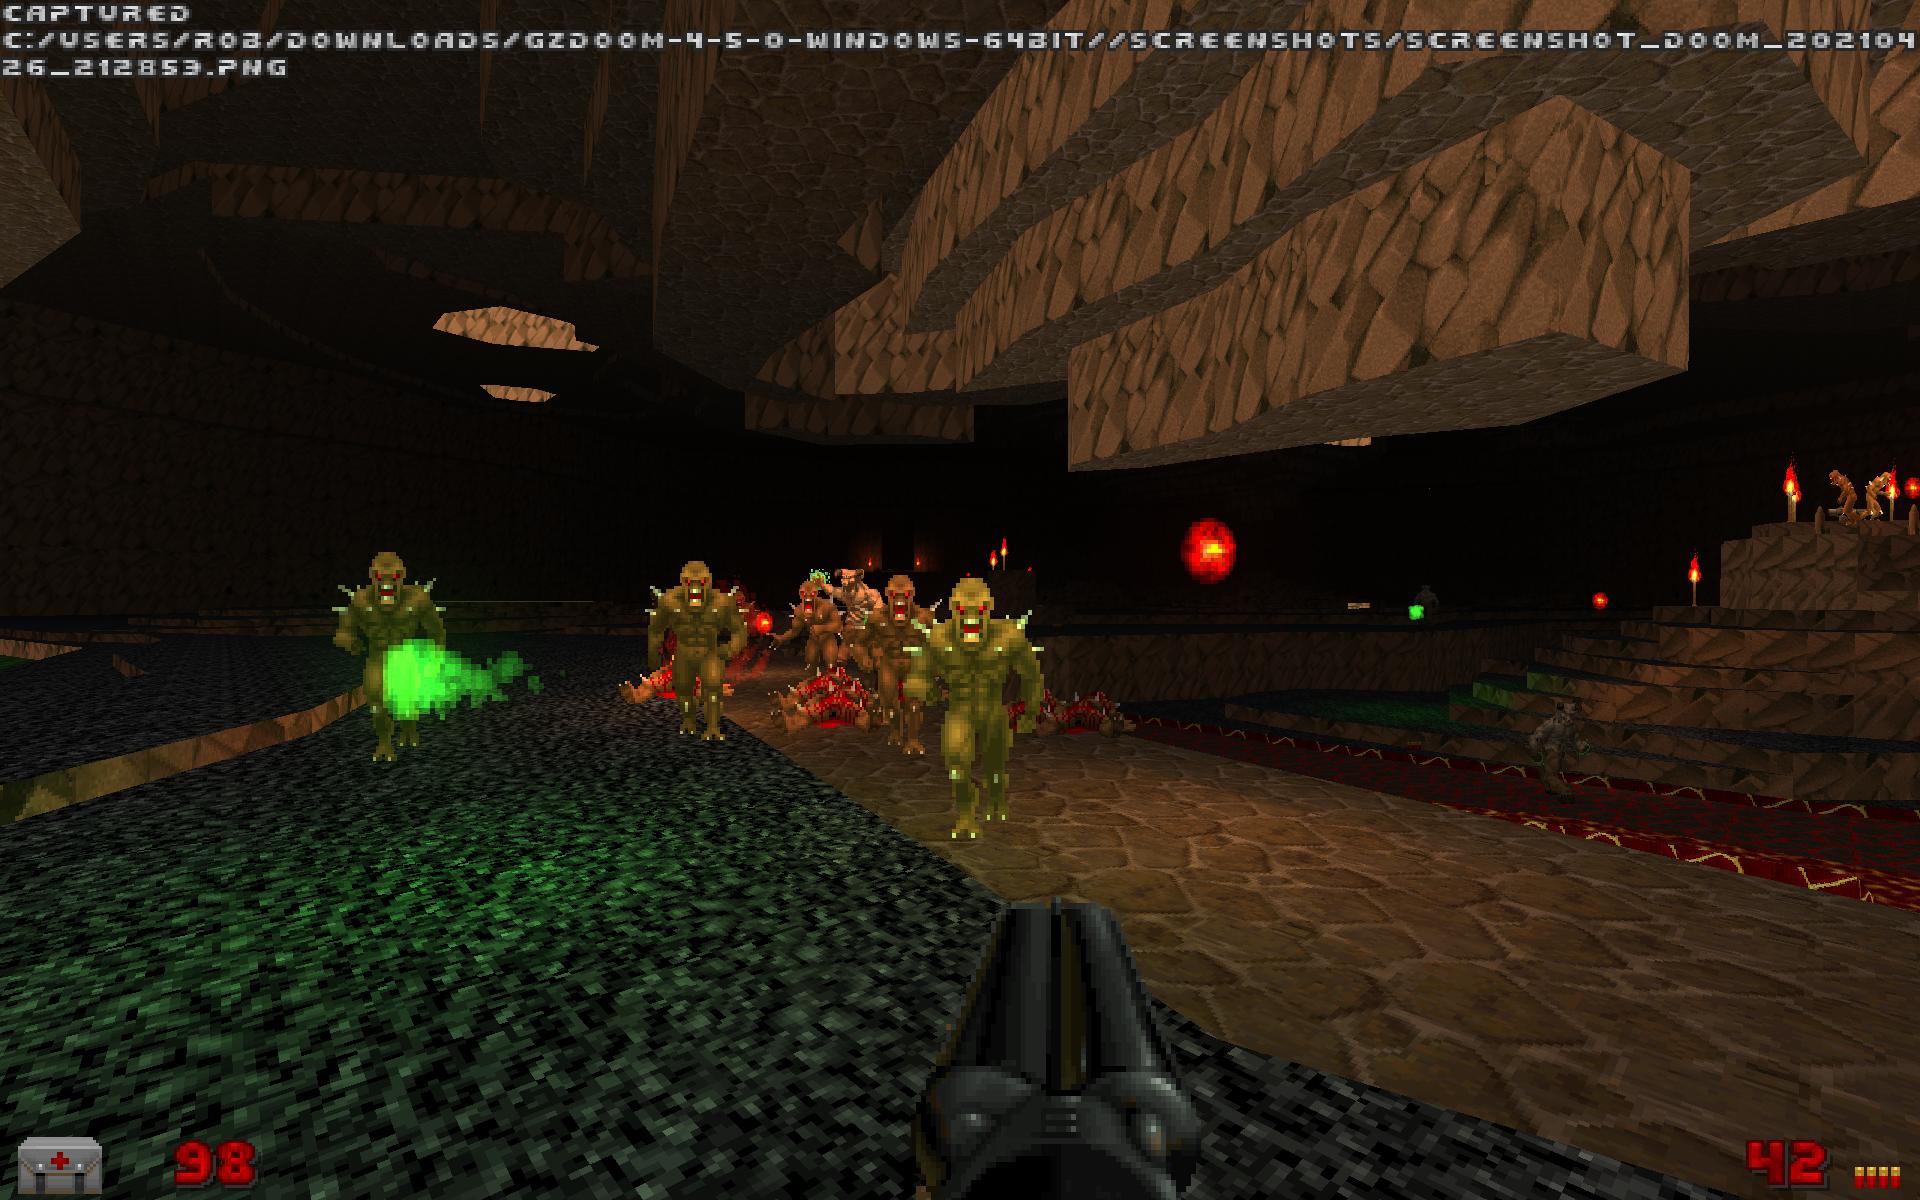 Screenshot_Doom_20210426_212854.png